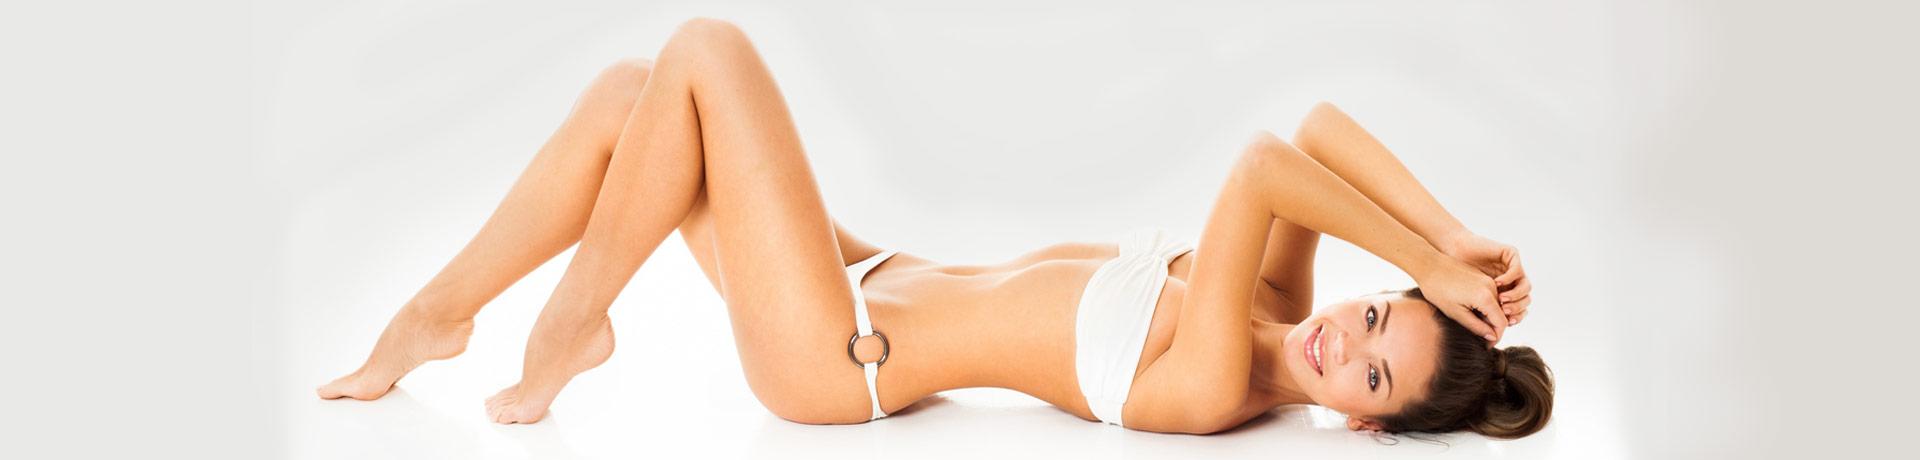 Plastische Chirurgie für den Körper